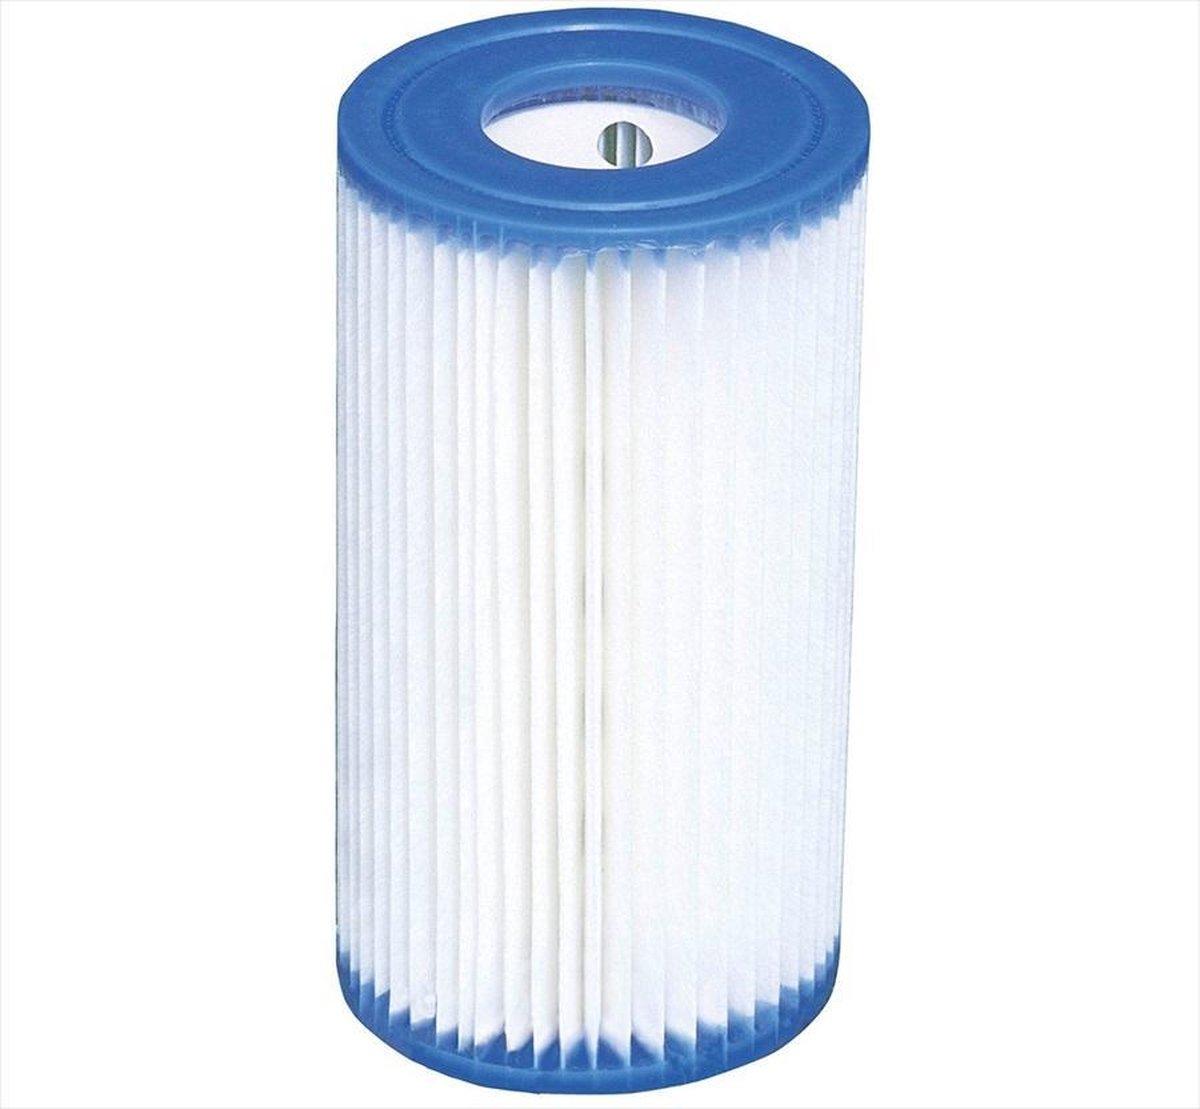 Trend24 - sse filtercartridge groot (type B)